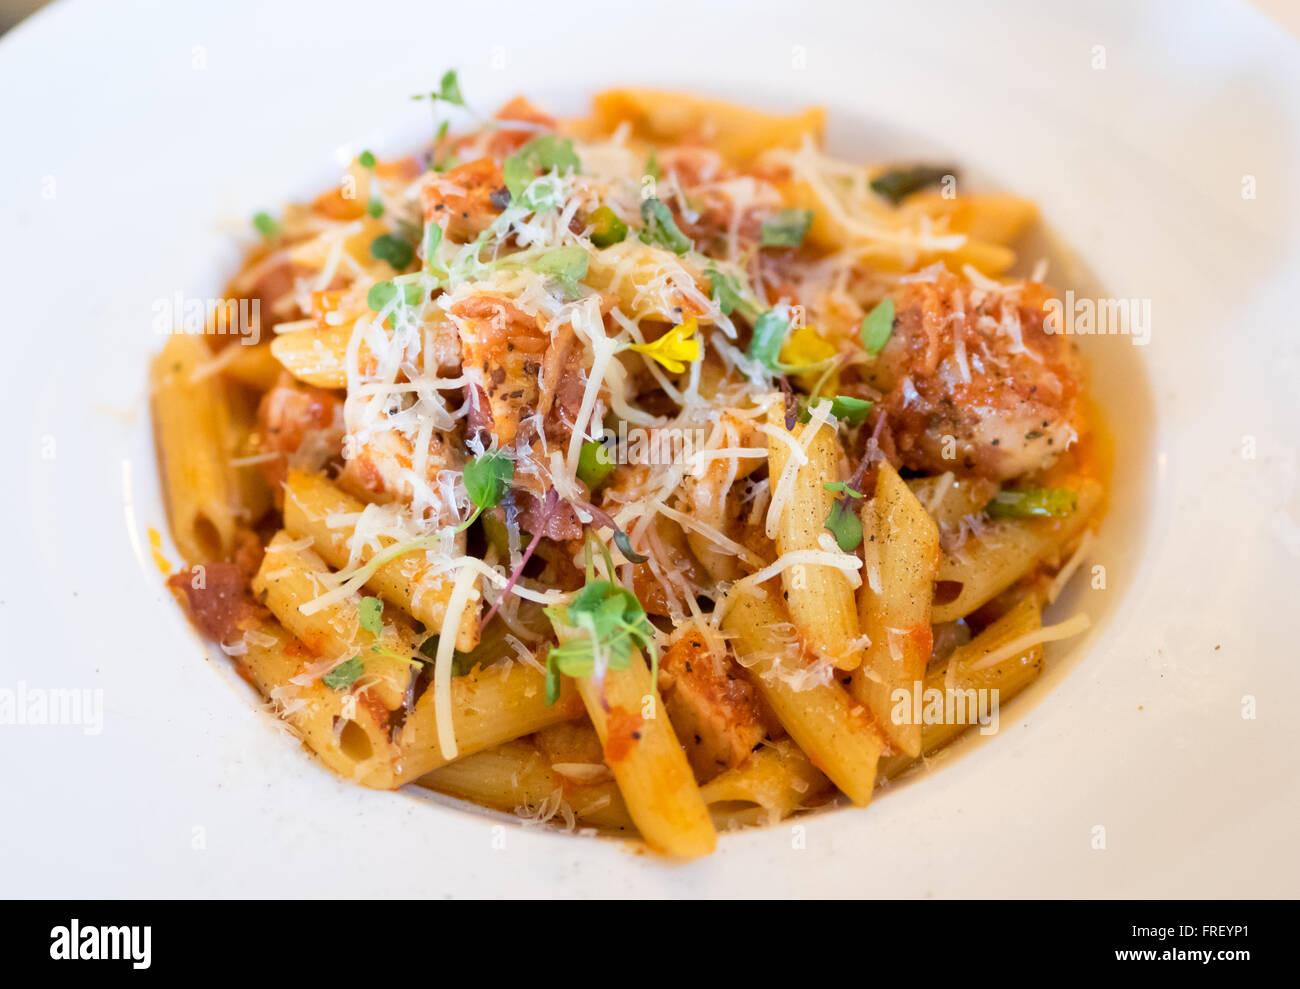 Une assiette de penne pollo (poulet) les pâtes en sauce tomate et poivron rouge avec le Parmigiano Reggiano, Photo Stock